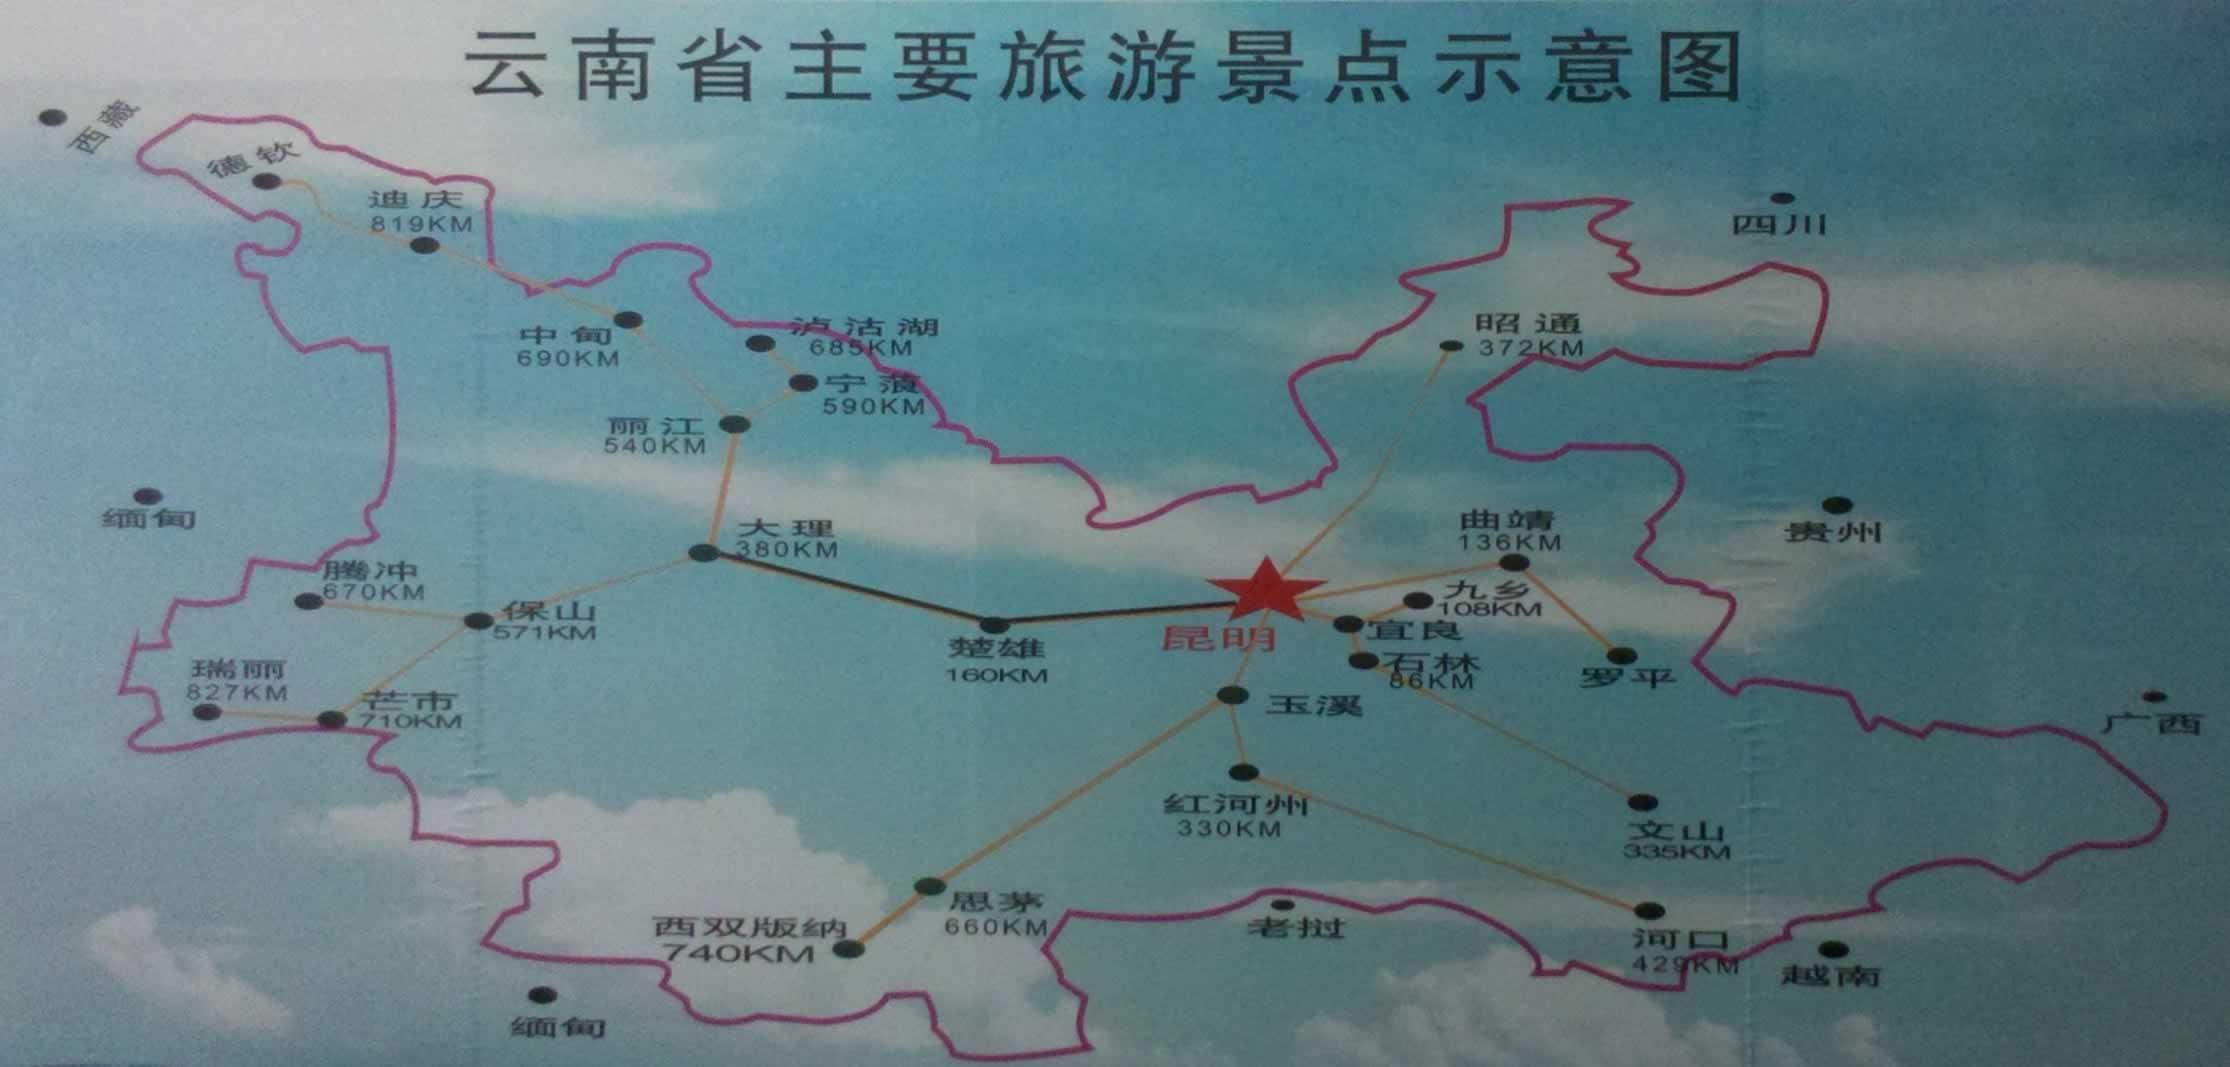 云南省主要旅游景点示意图